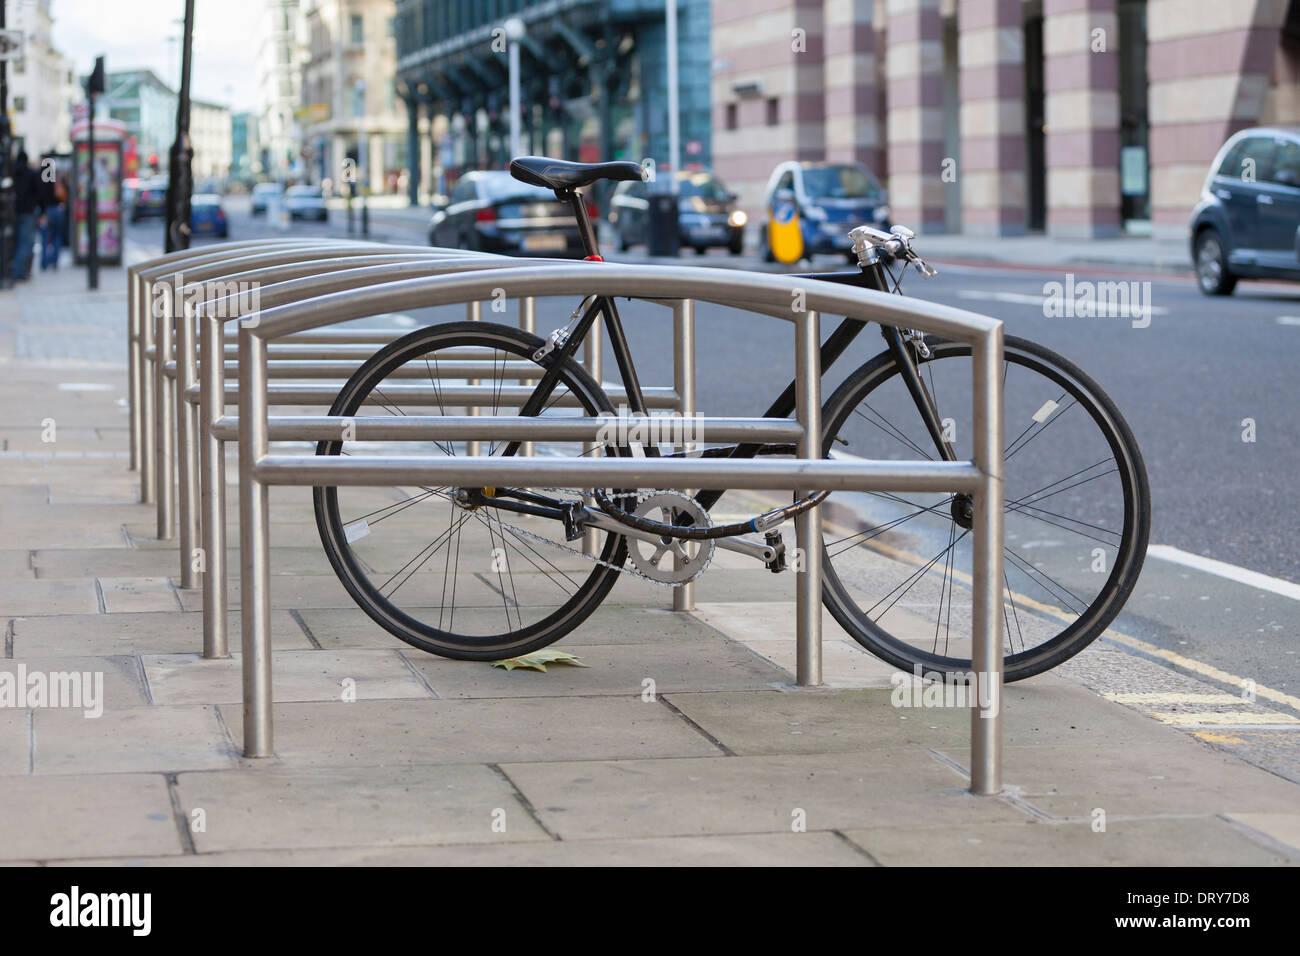 Bicicleta en un soporte de la bici, Londres, Inglaterra Imagen De Stock